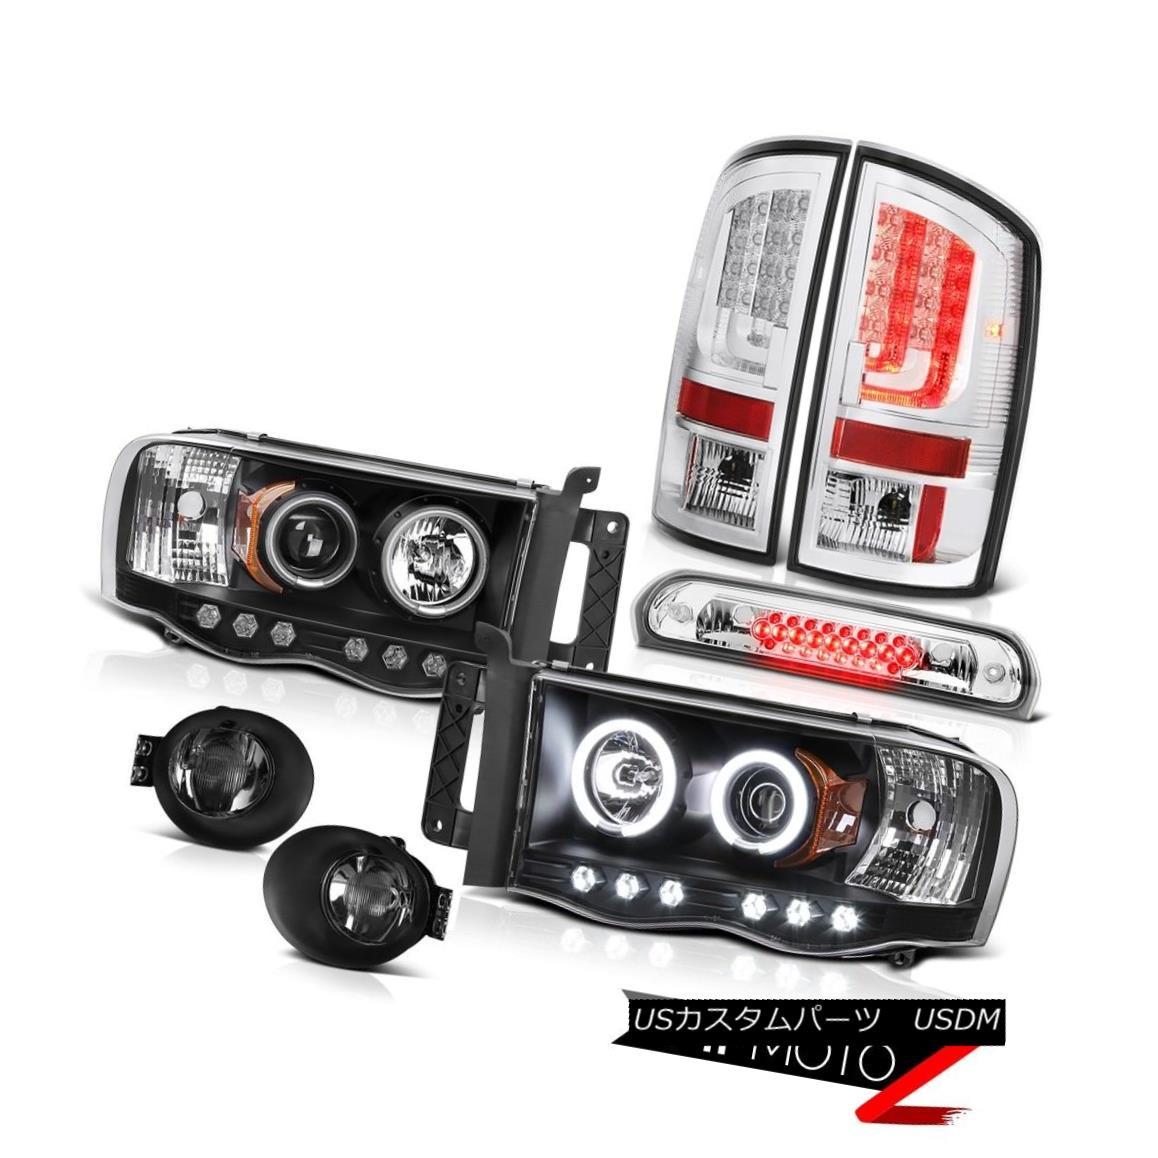 テールライト 02-05 Ram 1500 2500 3500 5.9L Tail Lights Foglights Headlamps Roof Brake Lamp 02-05 Ram 1500 2500 3500 5.9Lテールライトフォグライトヘッドランプルーフブレーキランプ